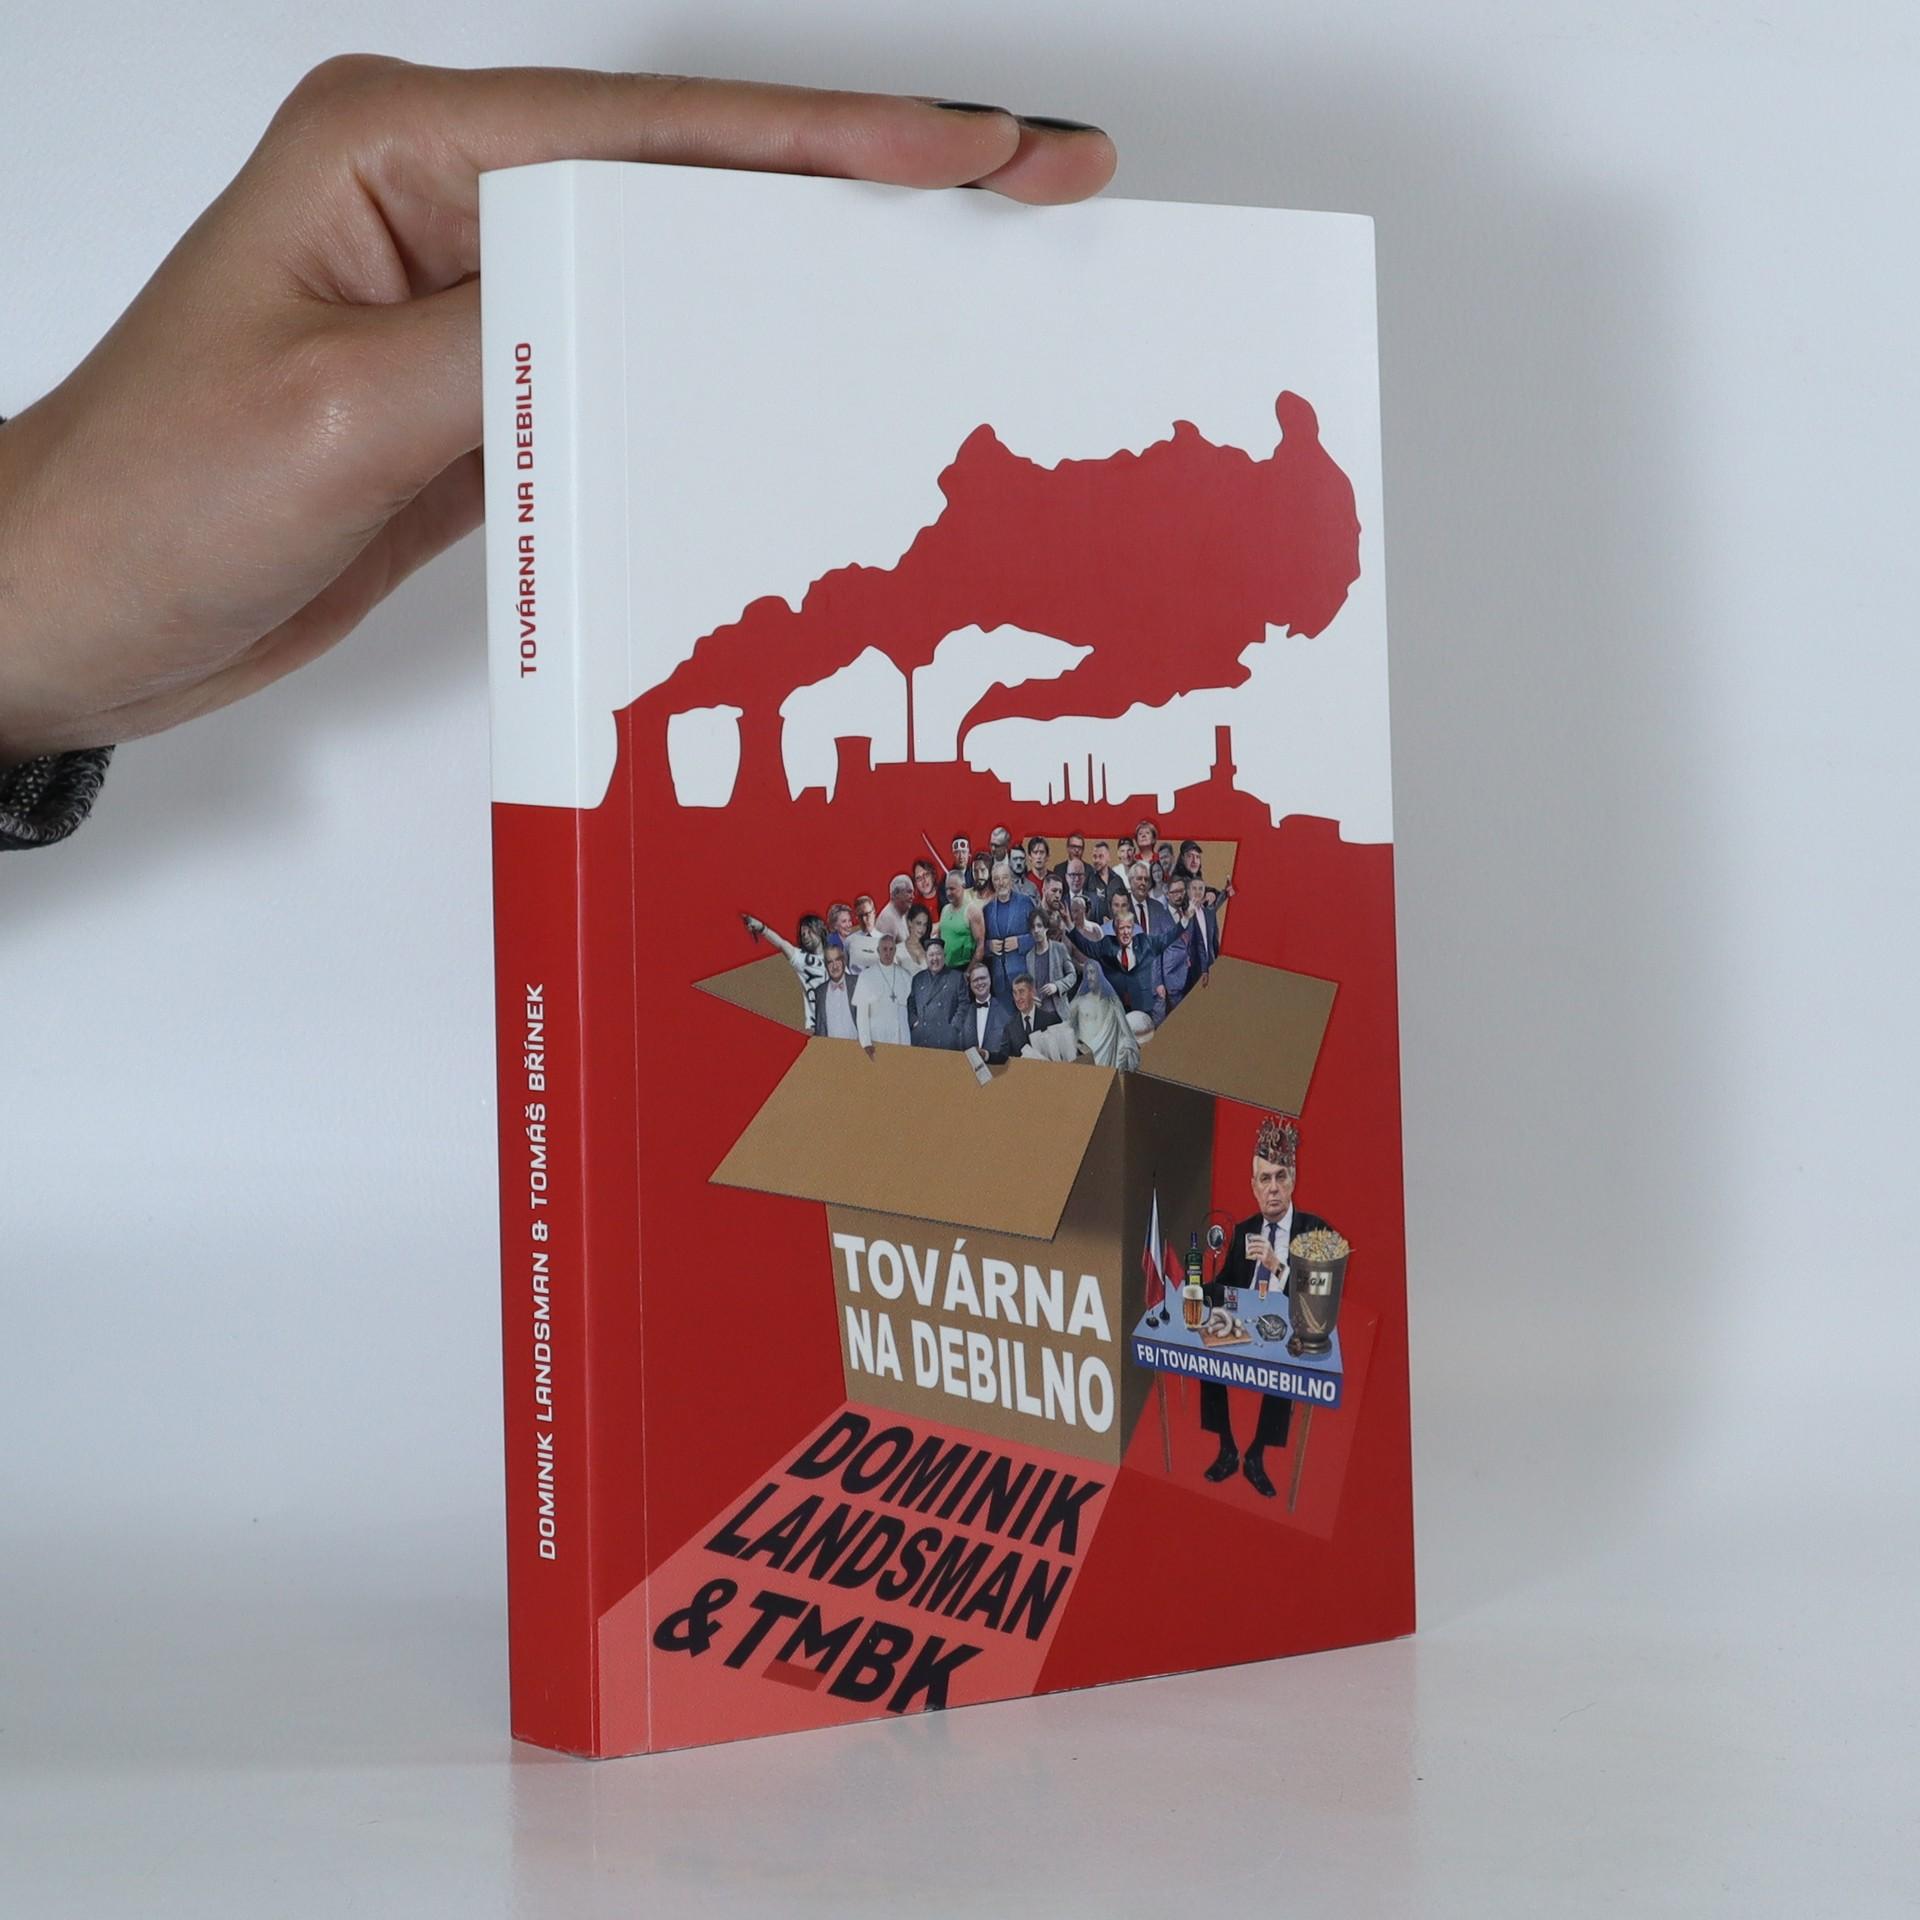 antikvární kniha Továrna na debilno, 2017